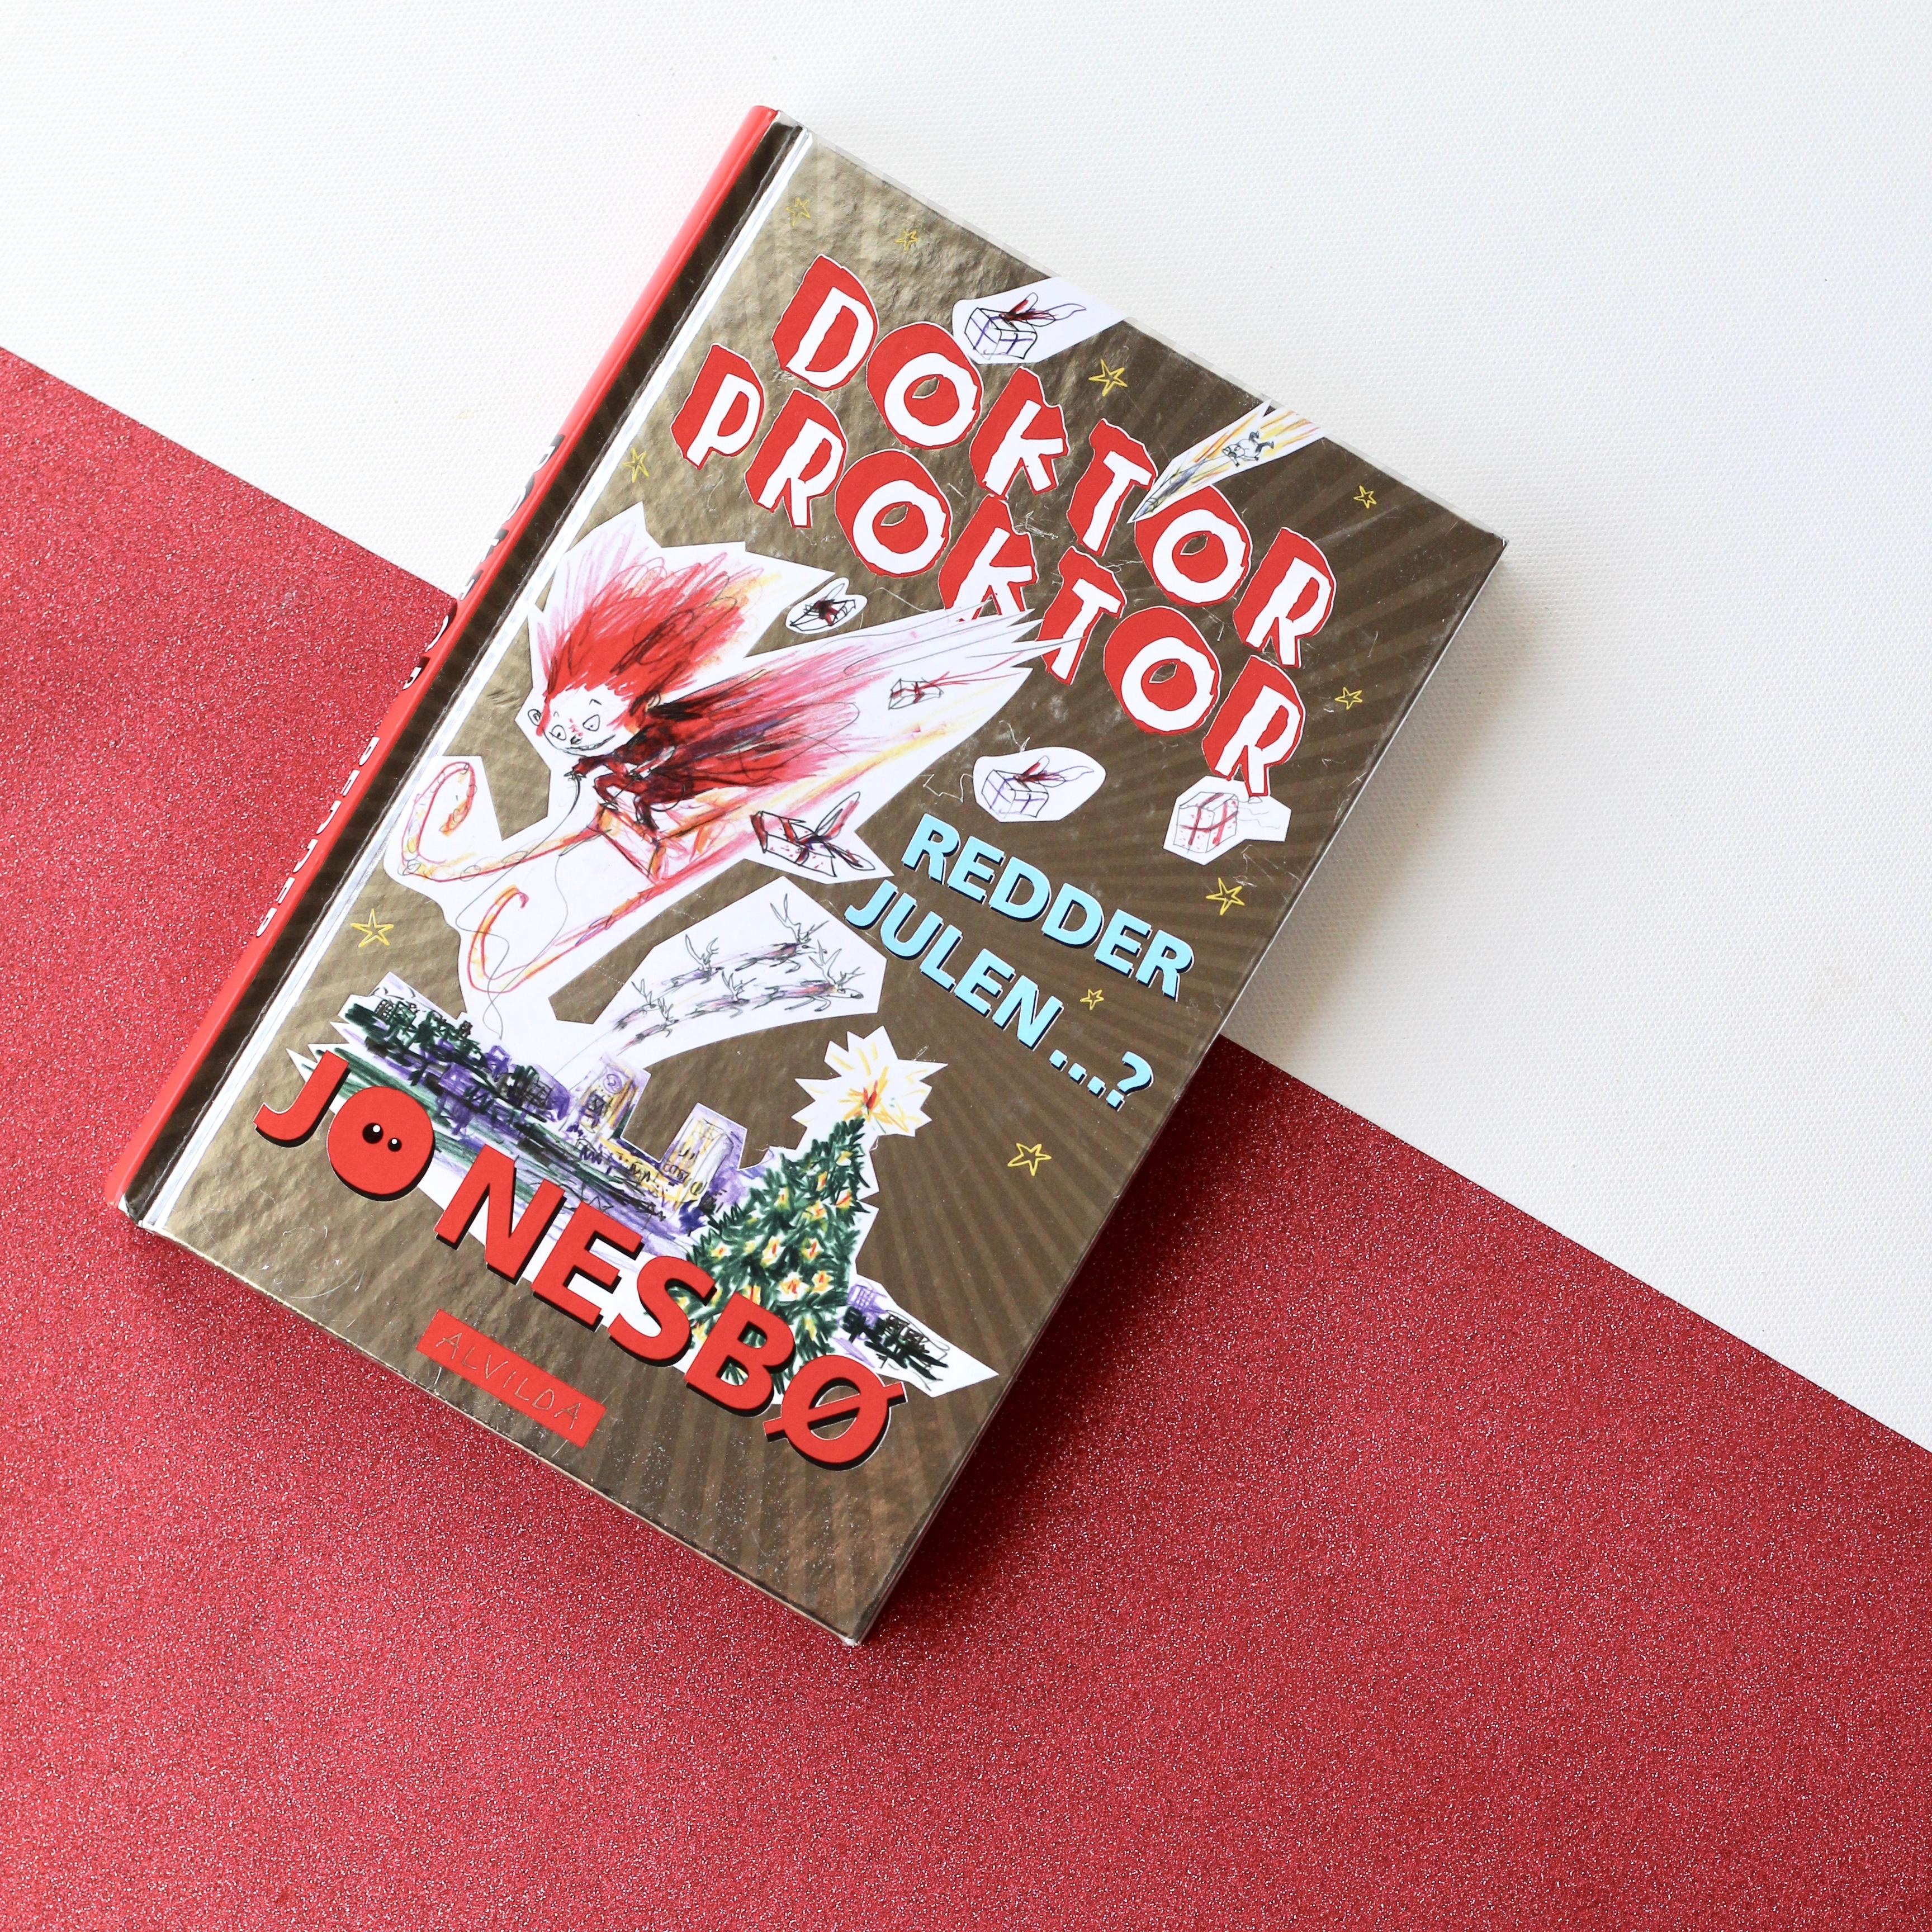 Doktor Proktor redder julen, Jo Nesbø, Bogoplevelsen